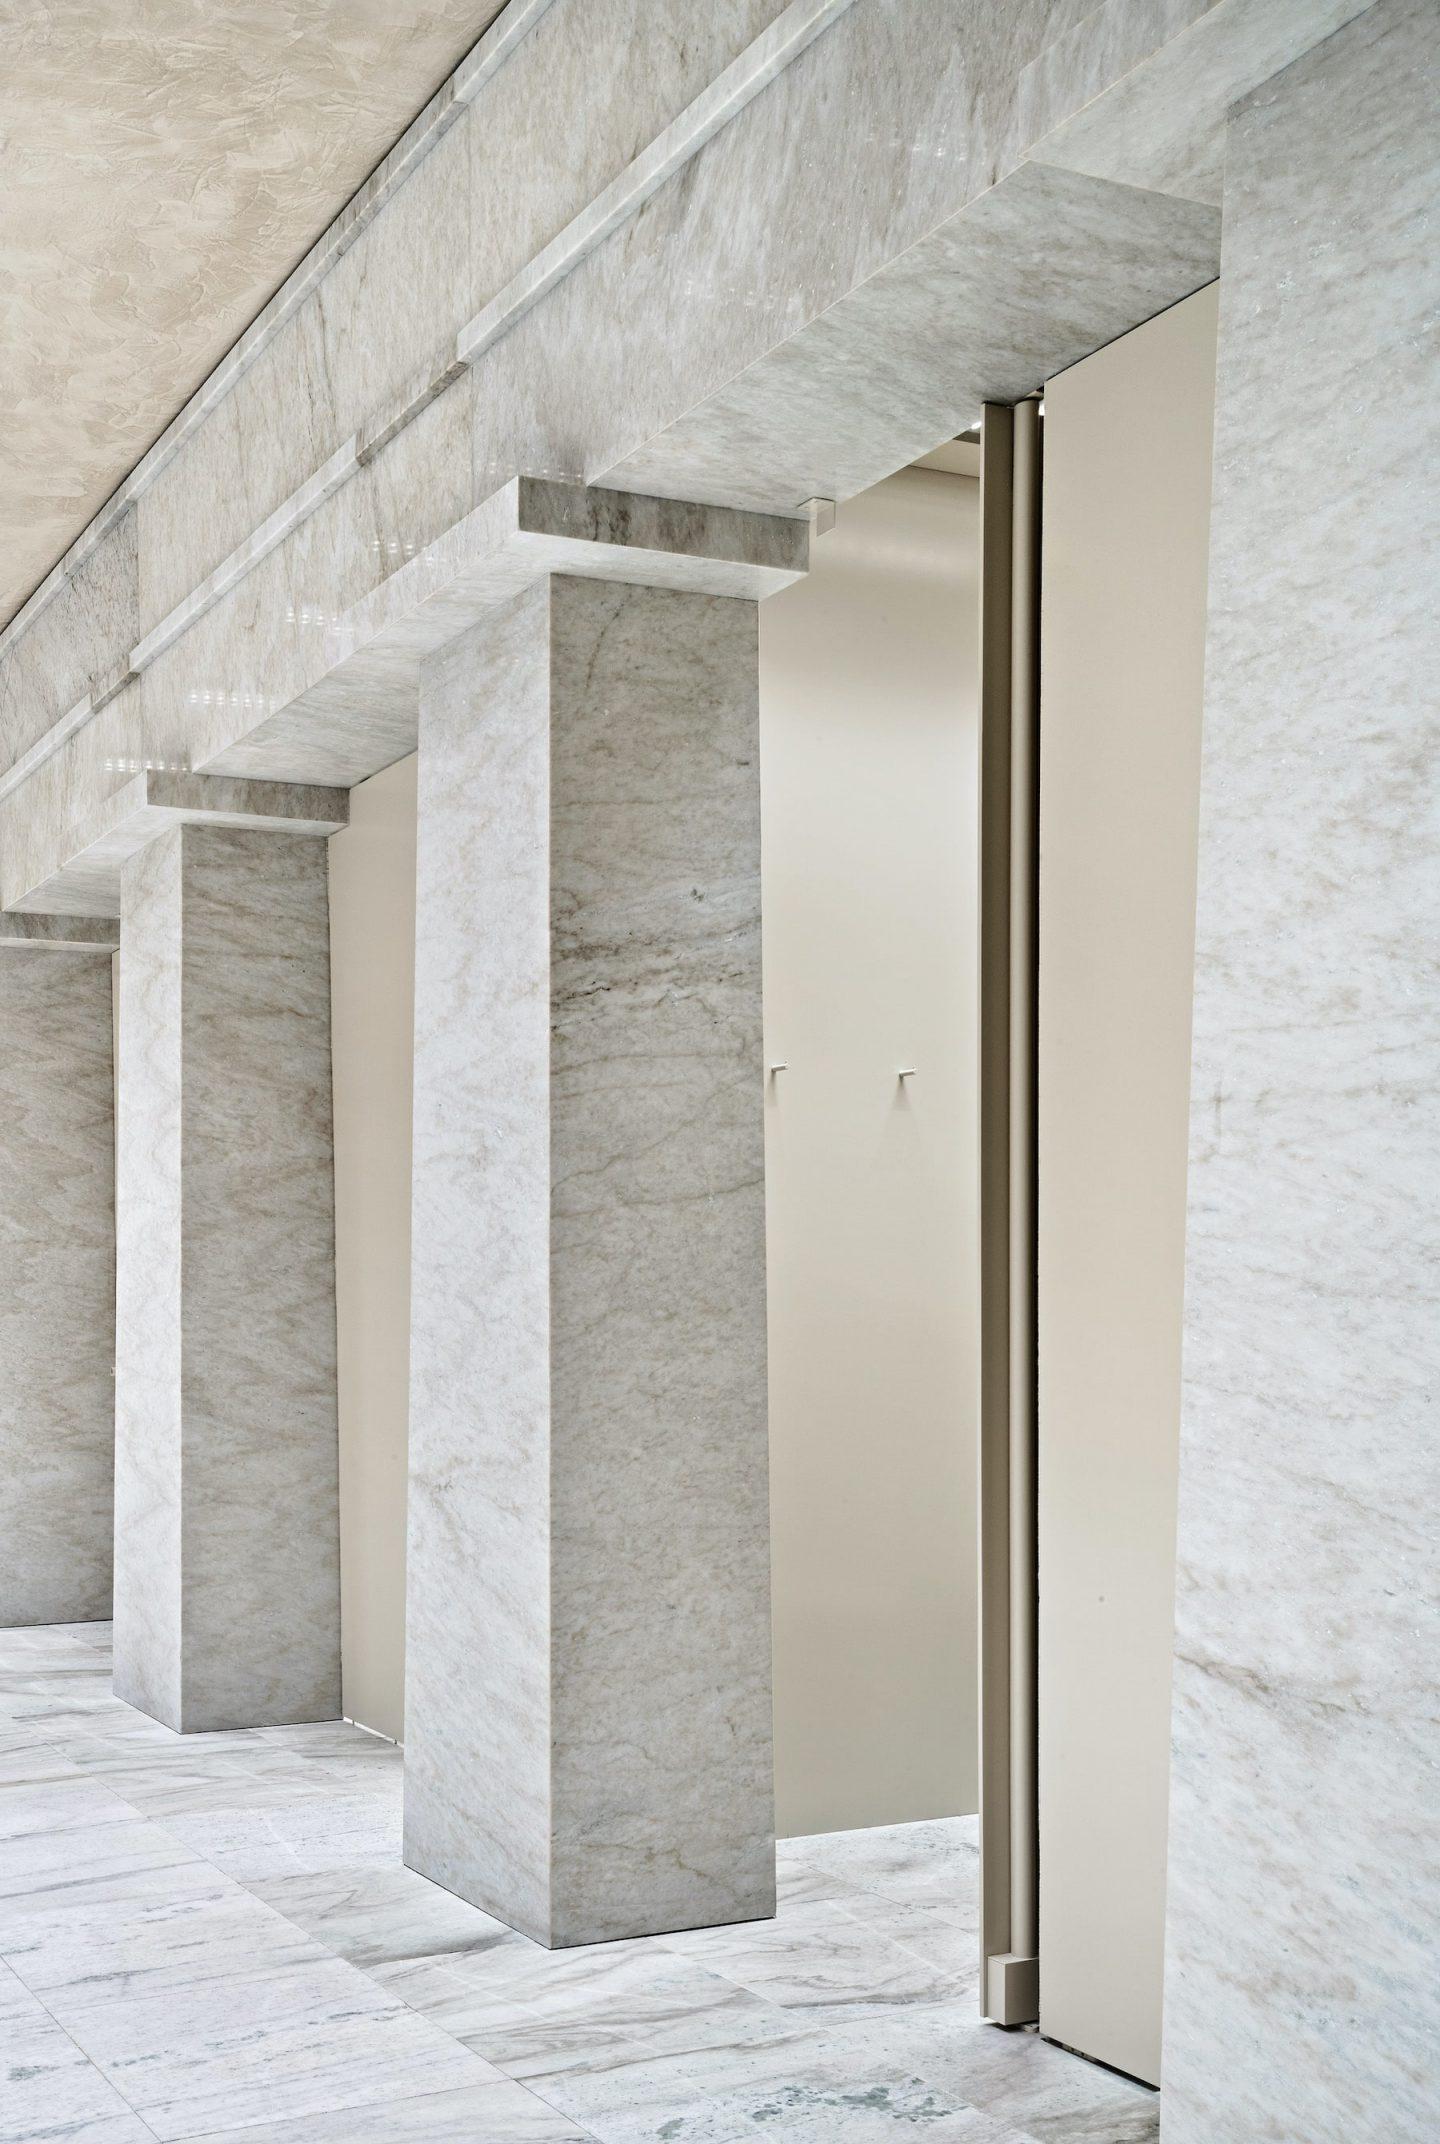 IGNANT-Design-Acne-Stockholm-Arquitectura-G-05